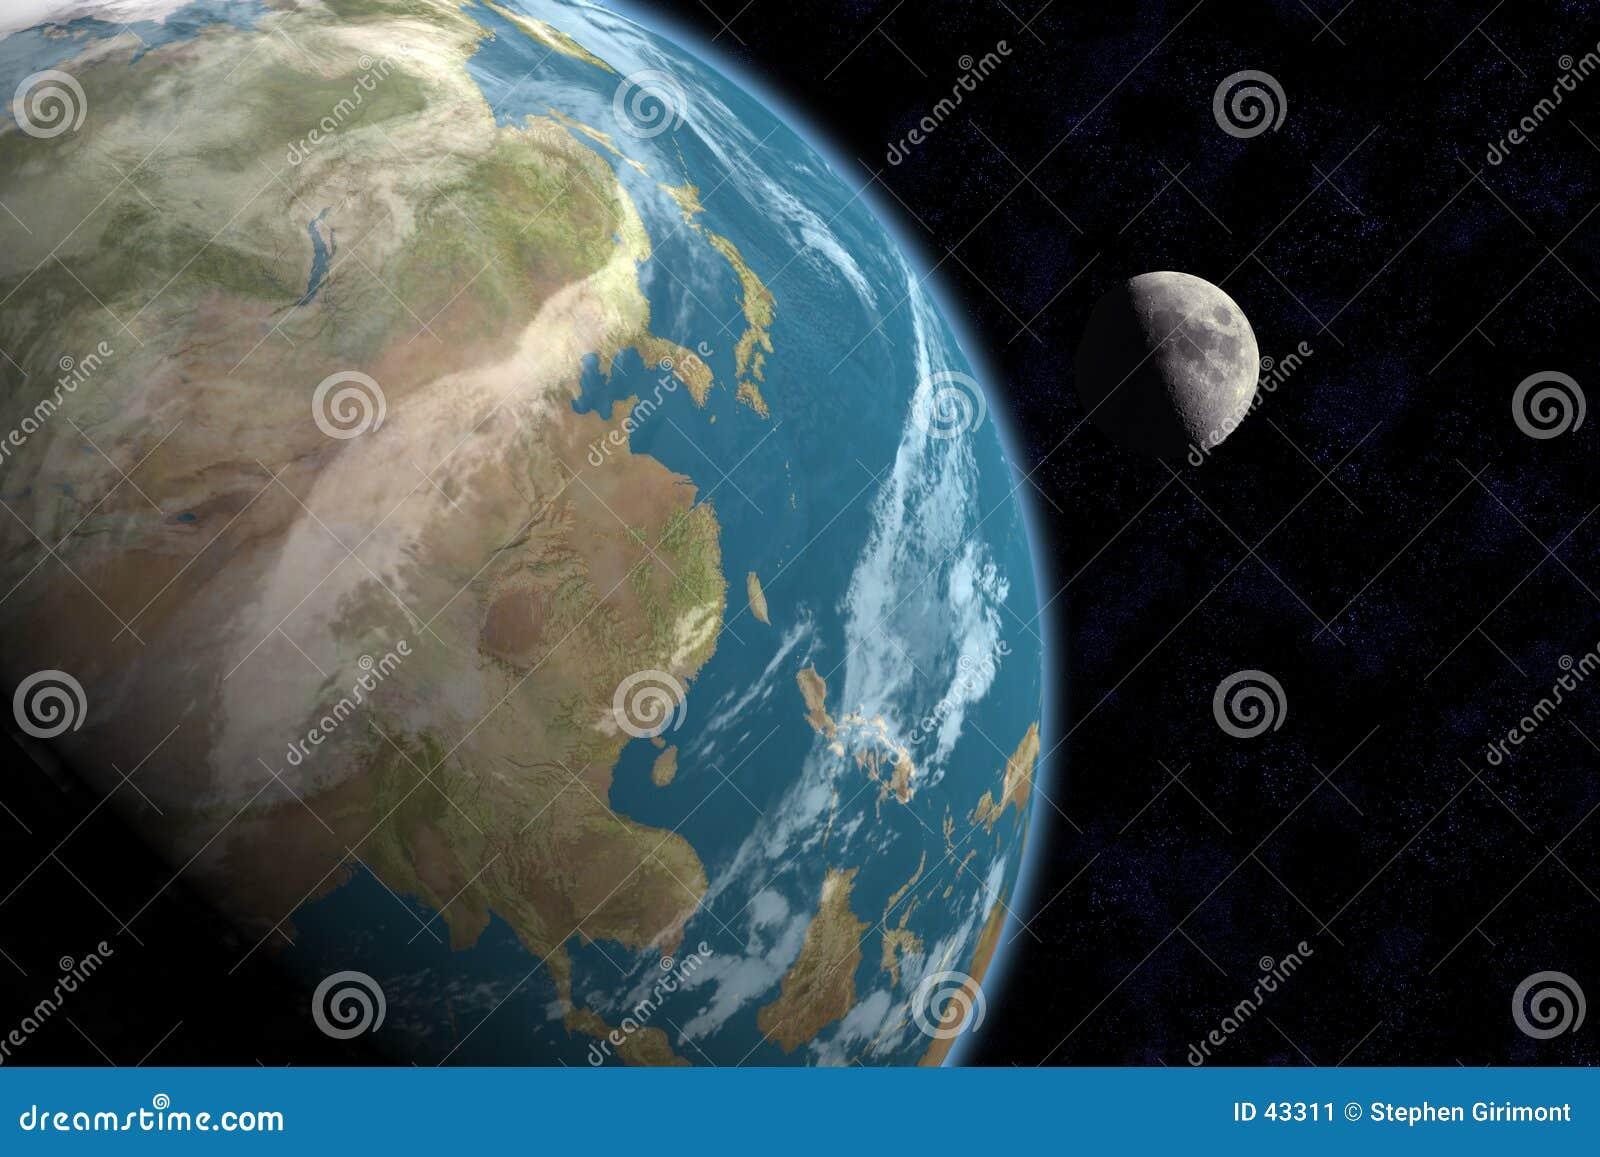 Asiatique et lune avec des étoiles